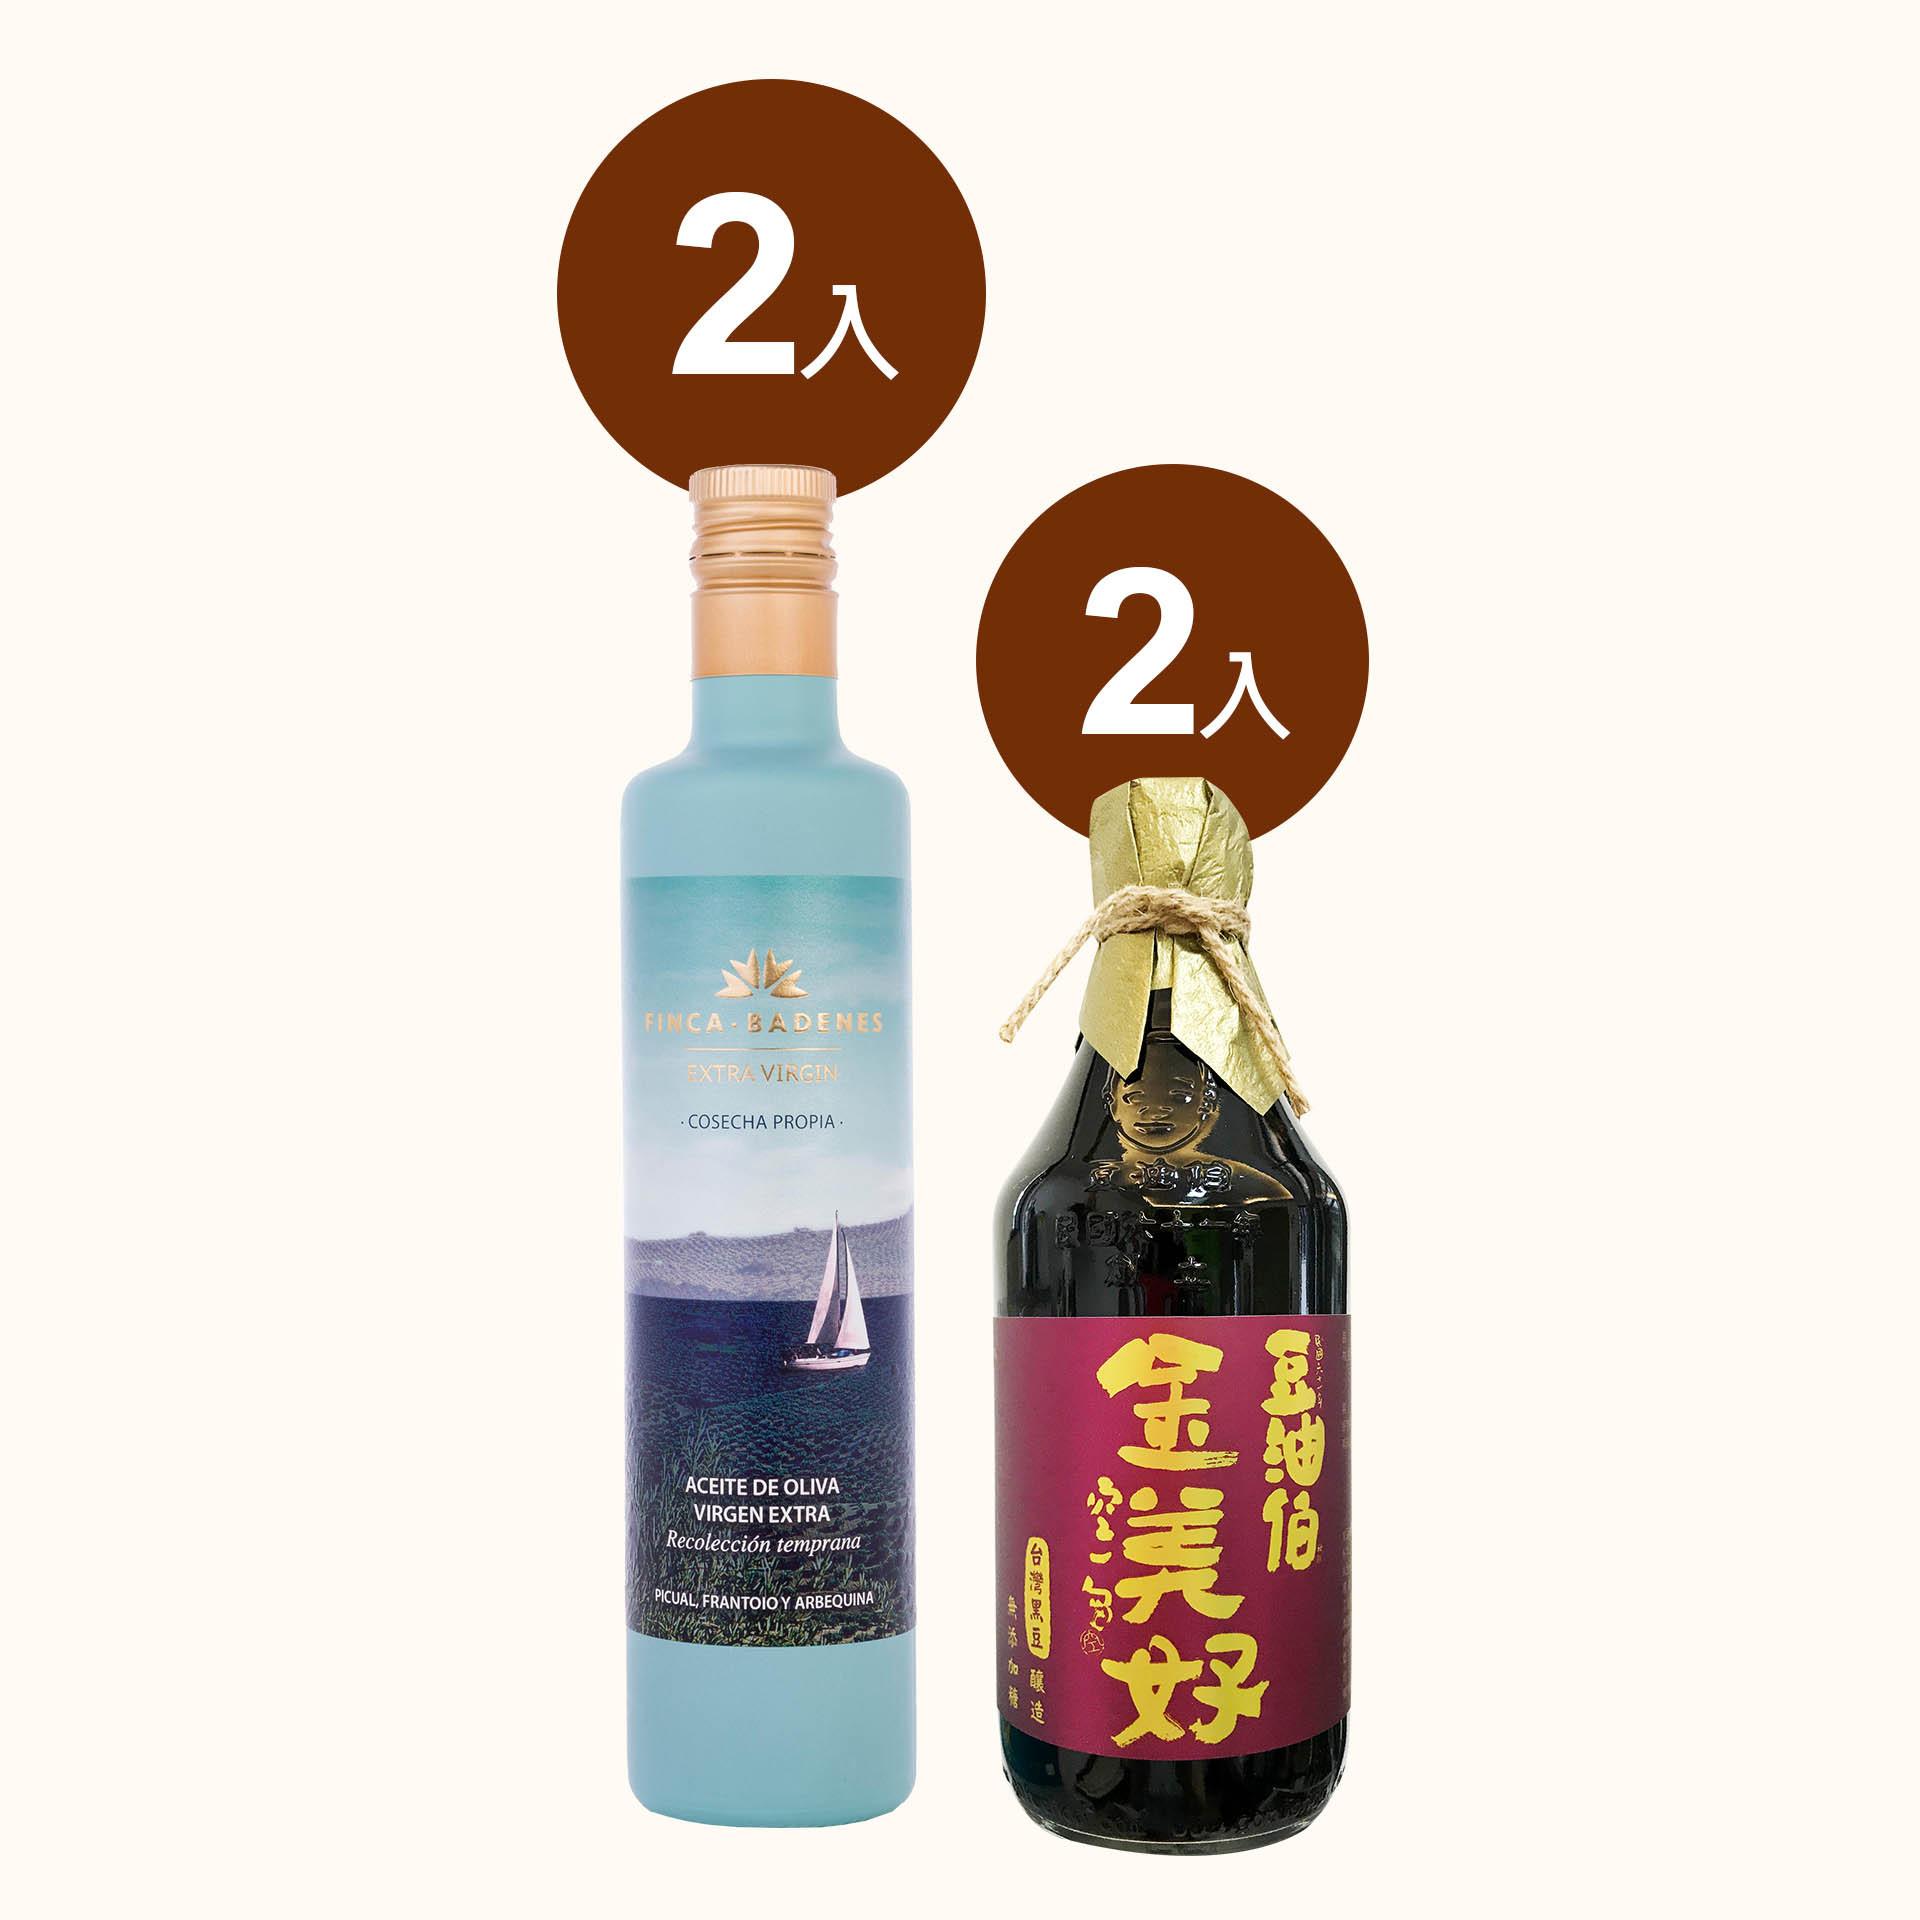 【AA無添加驗證】金美好醬油2入+巴狄尼絲橄欖油2入(共4入)